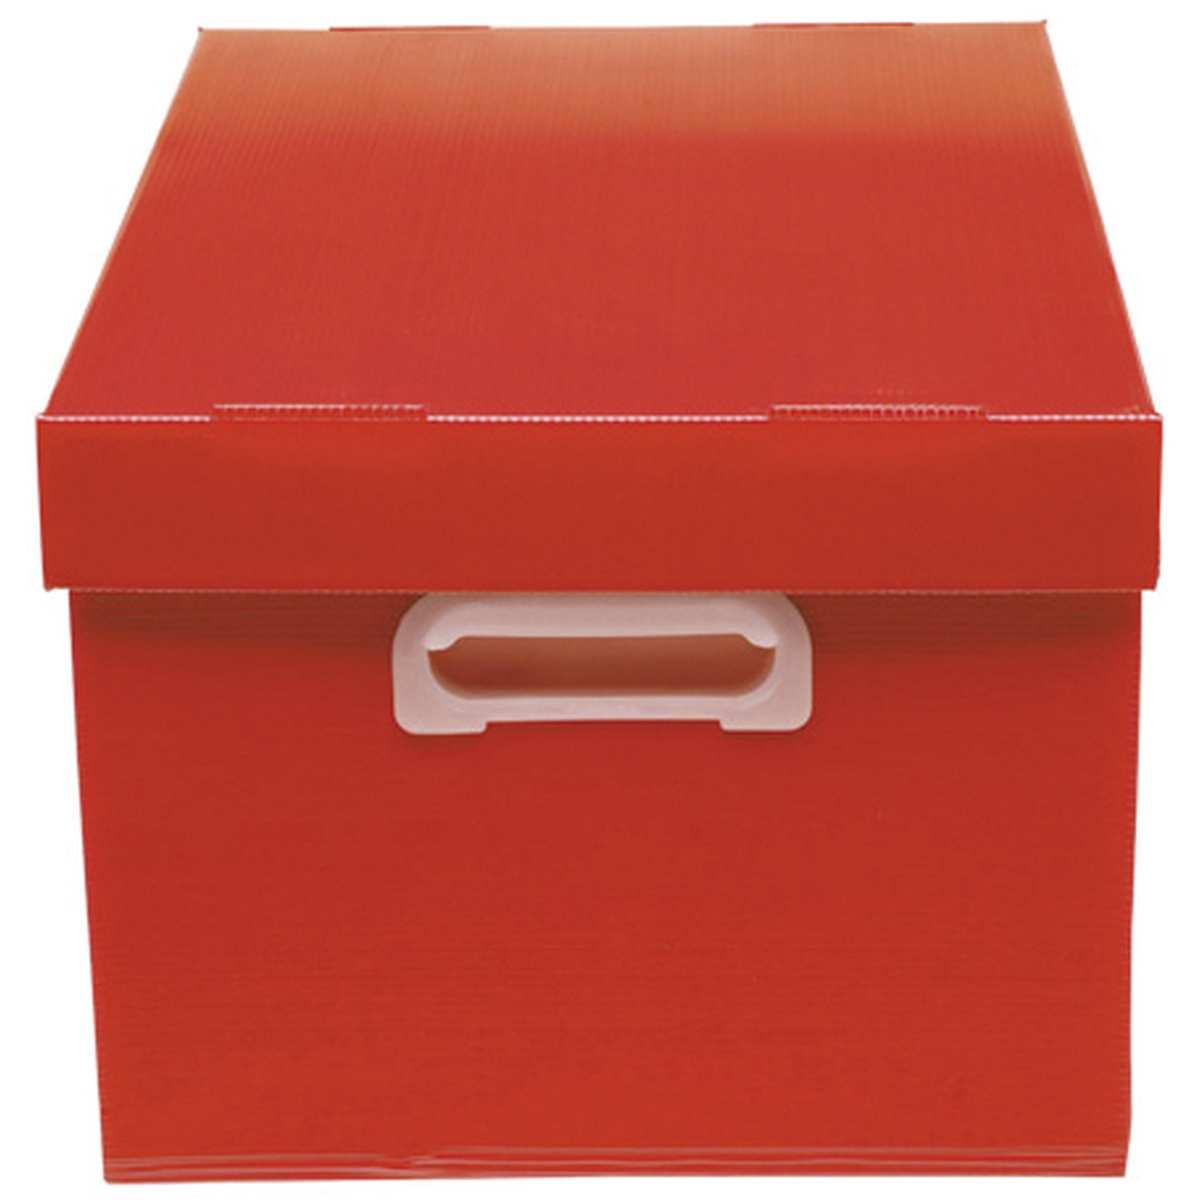 CAIXA ORGANIZADORA THE BEST BOX FOSCA 437 X 310 X 240MM VERMELHA